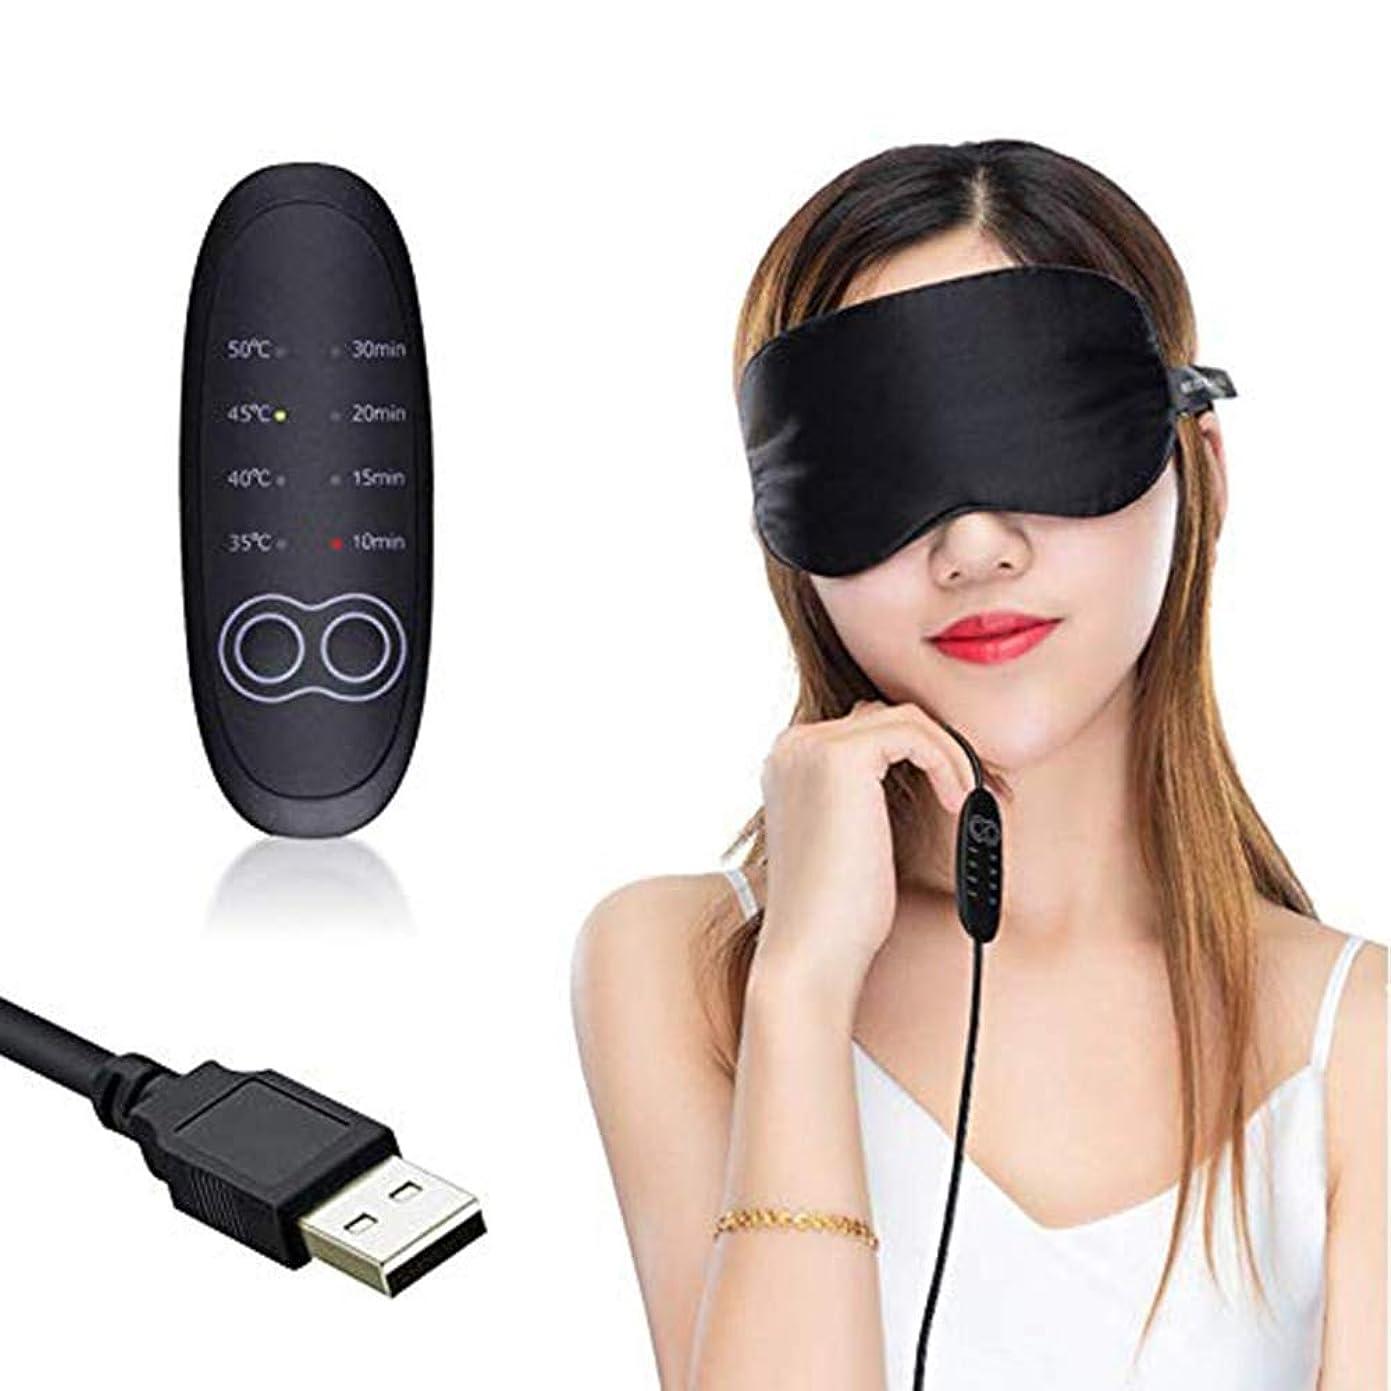 ペスト結び目均等にメモUSBスチームスリーピングアイマスクシェーディングマスクスリープソフト調節可能な温度制御電気加熱アイマスクで目を和らげる